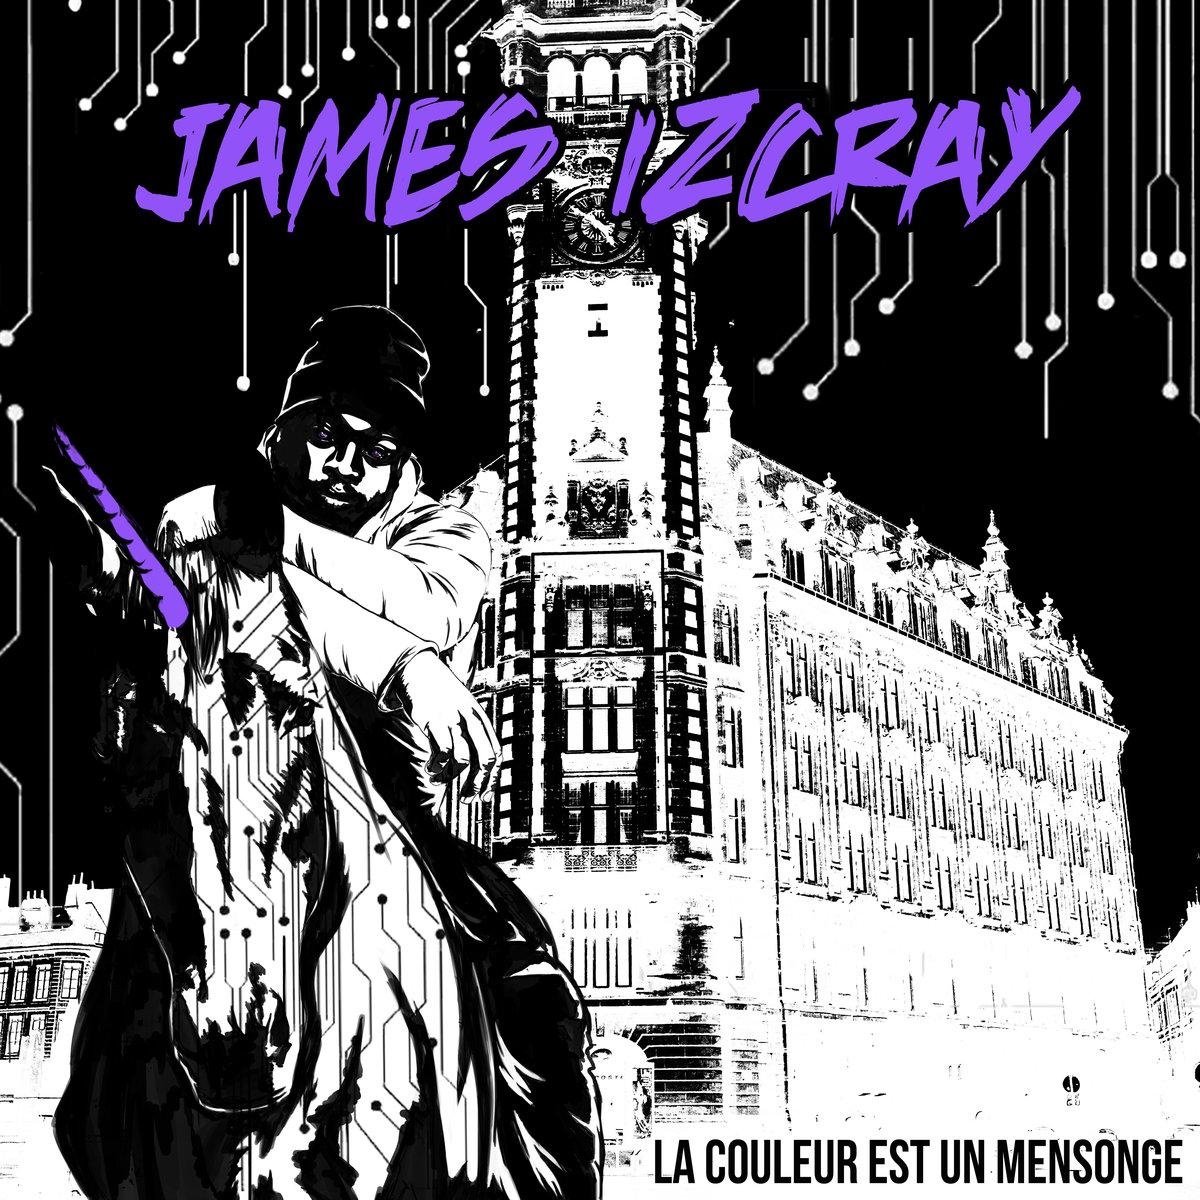 JAMES IZ CRAY - La Couleur Est un Mensonge